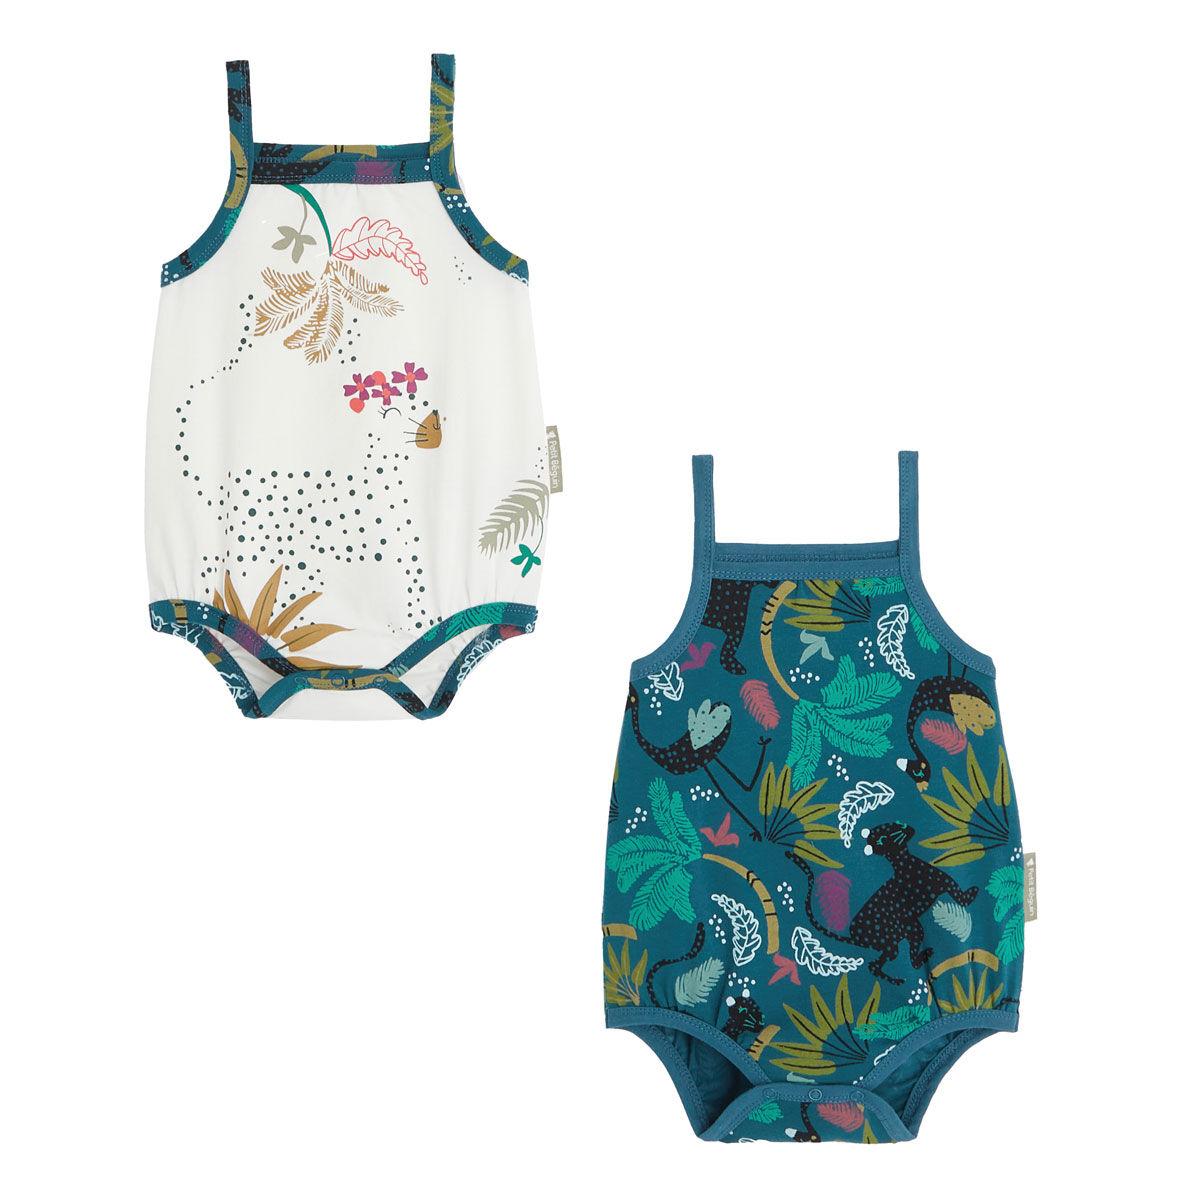 Petit Béguin Lot de 2 bodies bébé fille à bretelles Blue Coco - Taille - 3 mois